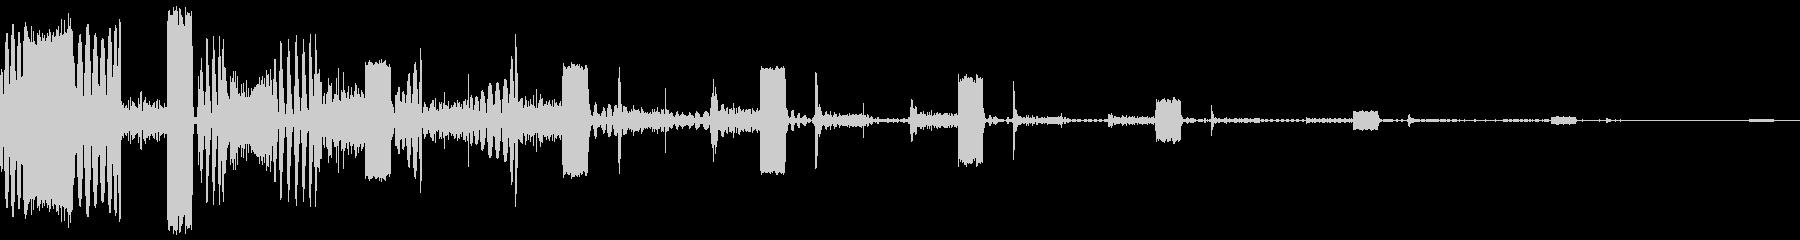 アナログFX 9の未再生の波形